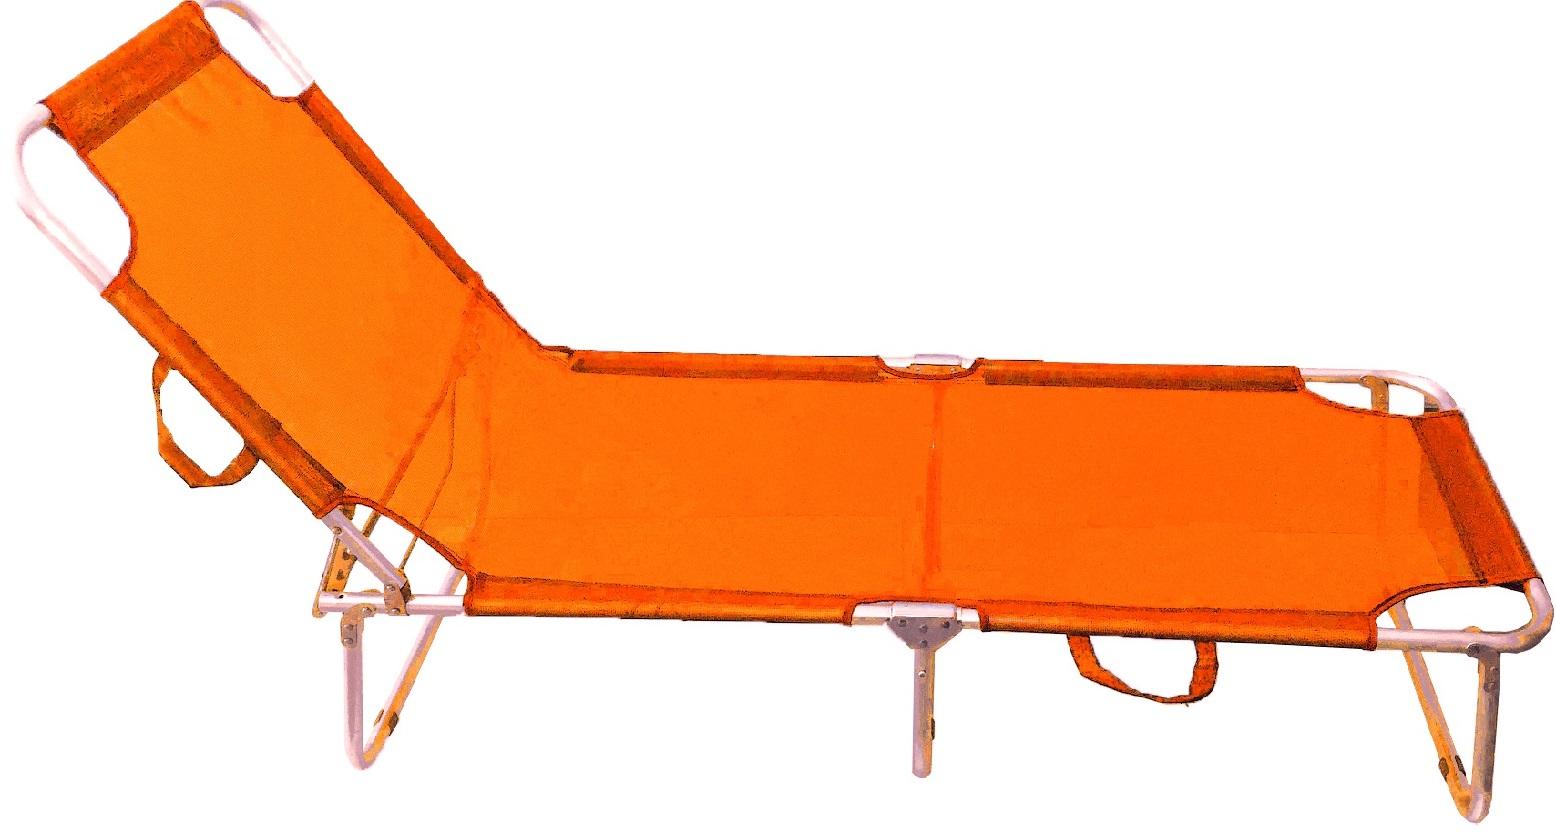 Ξαπλώστρα Αλουμινίου Πτυσσόμενη Πορτοκαλί